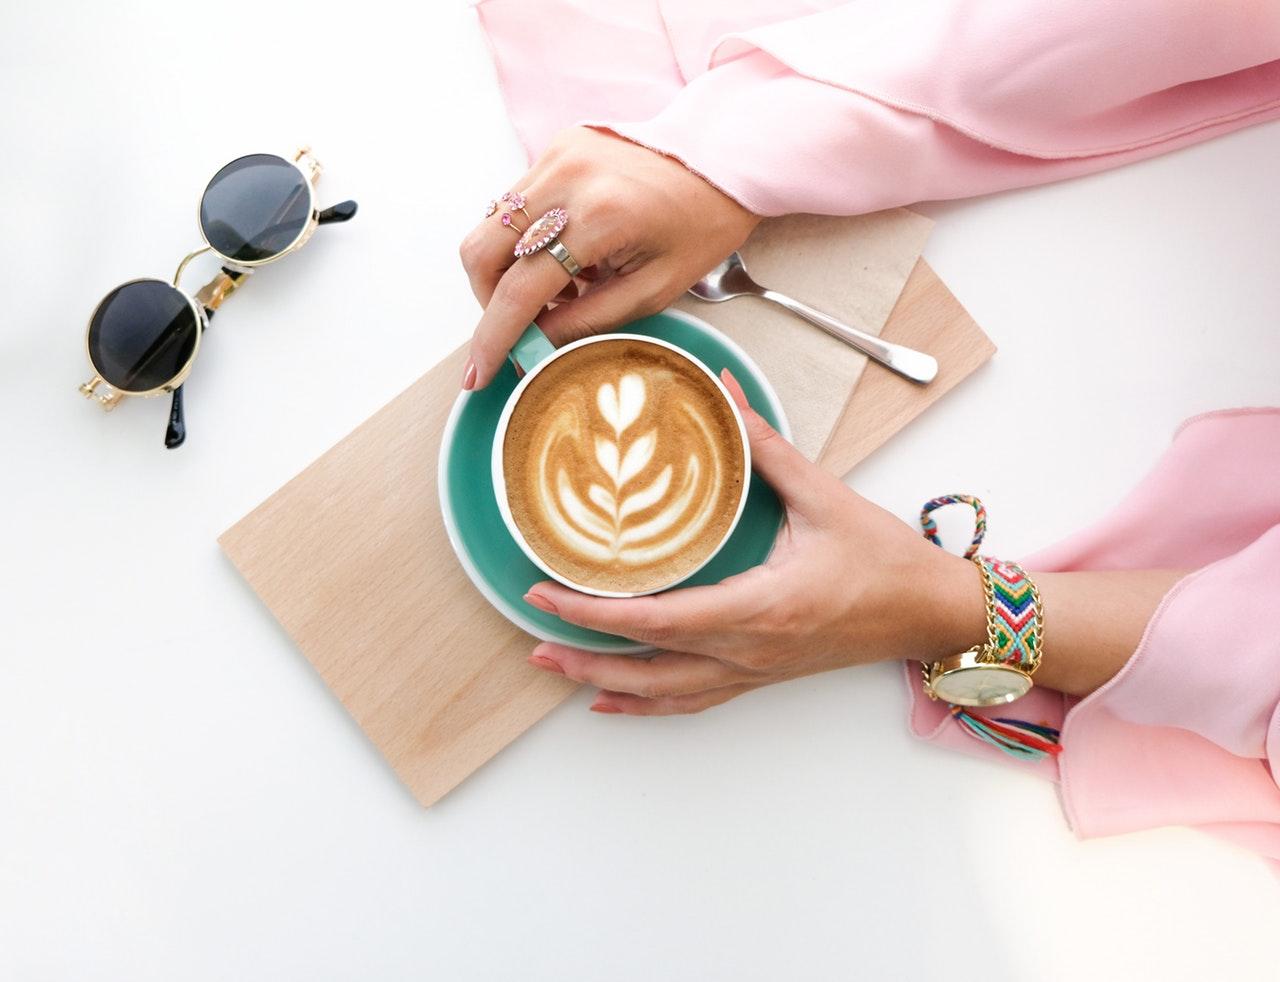 Czy kawa jest zdrowa? Czy jej picie szkodzi?